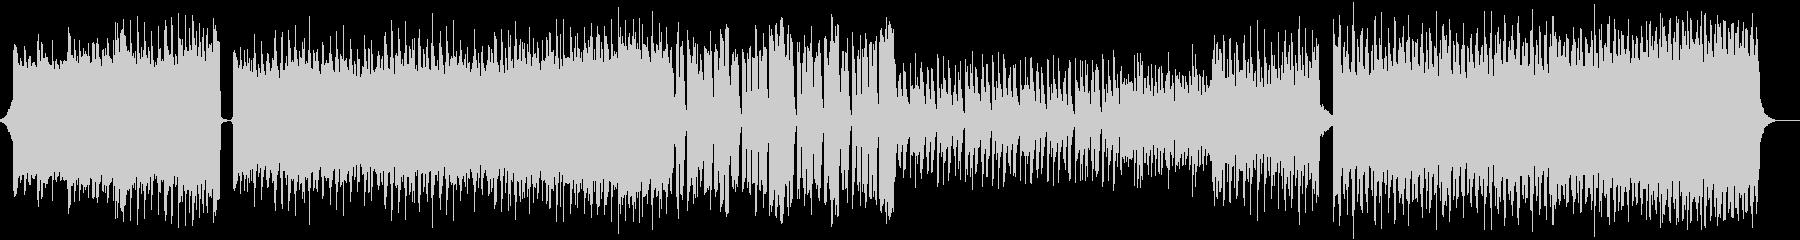 Futurebassの未再生の波形